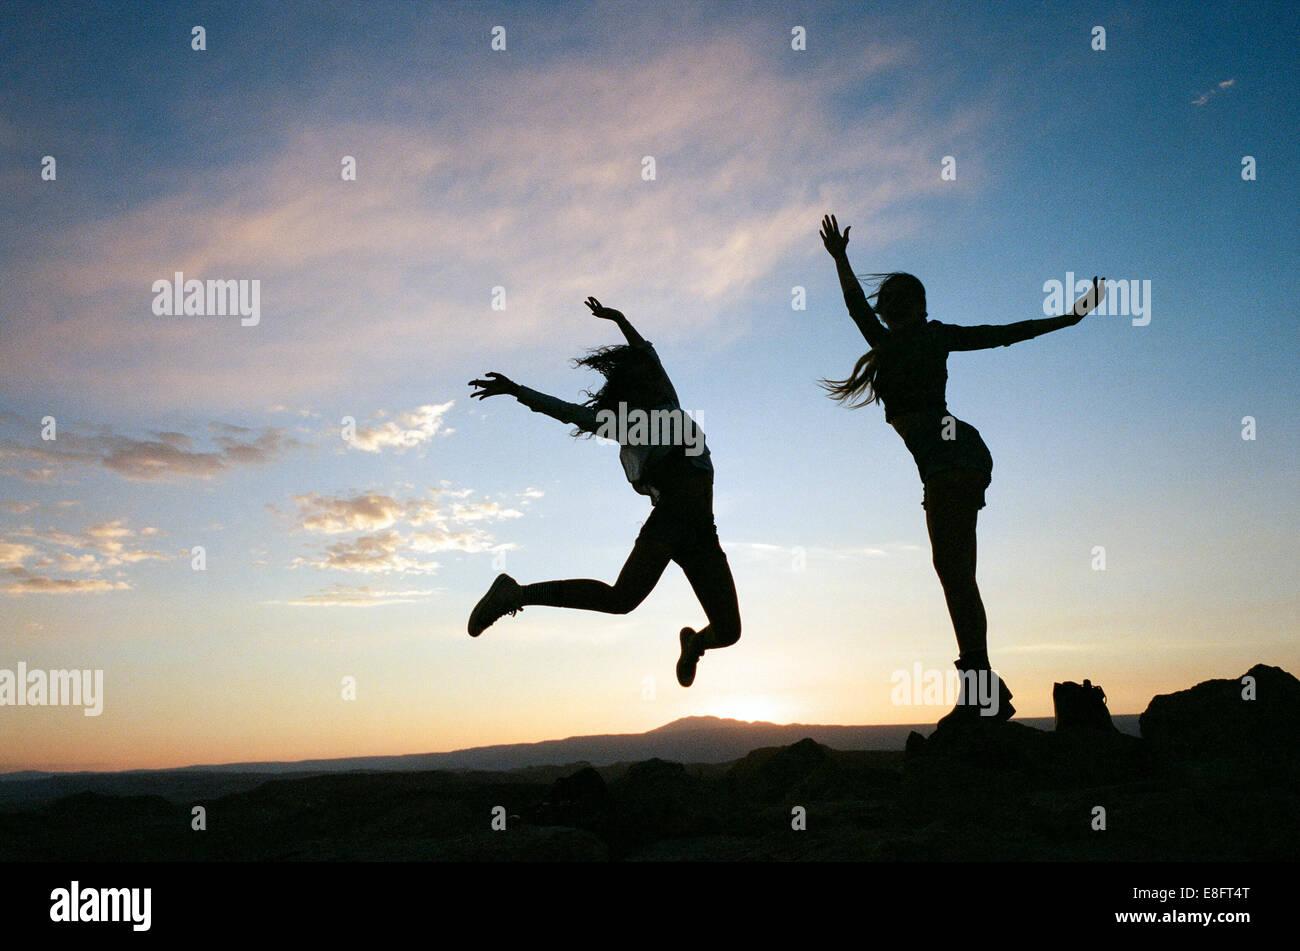 Sagome di due donne saltando al tramonto Immagini Stock